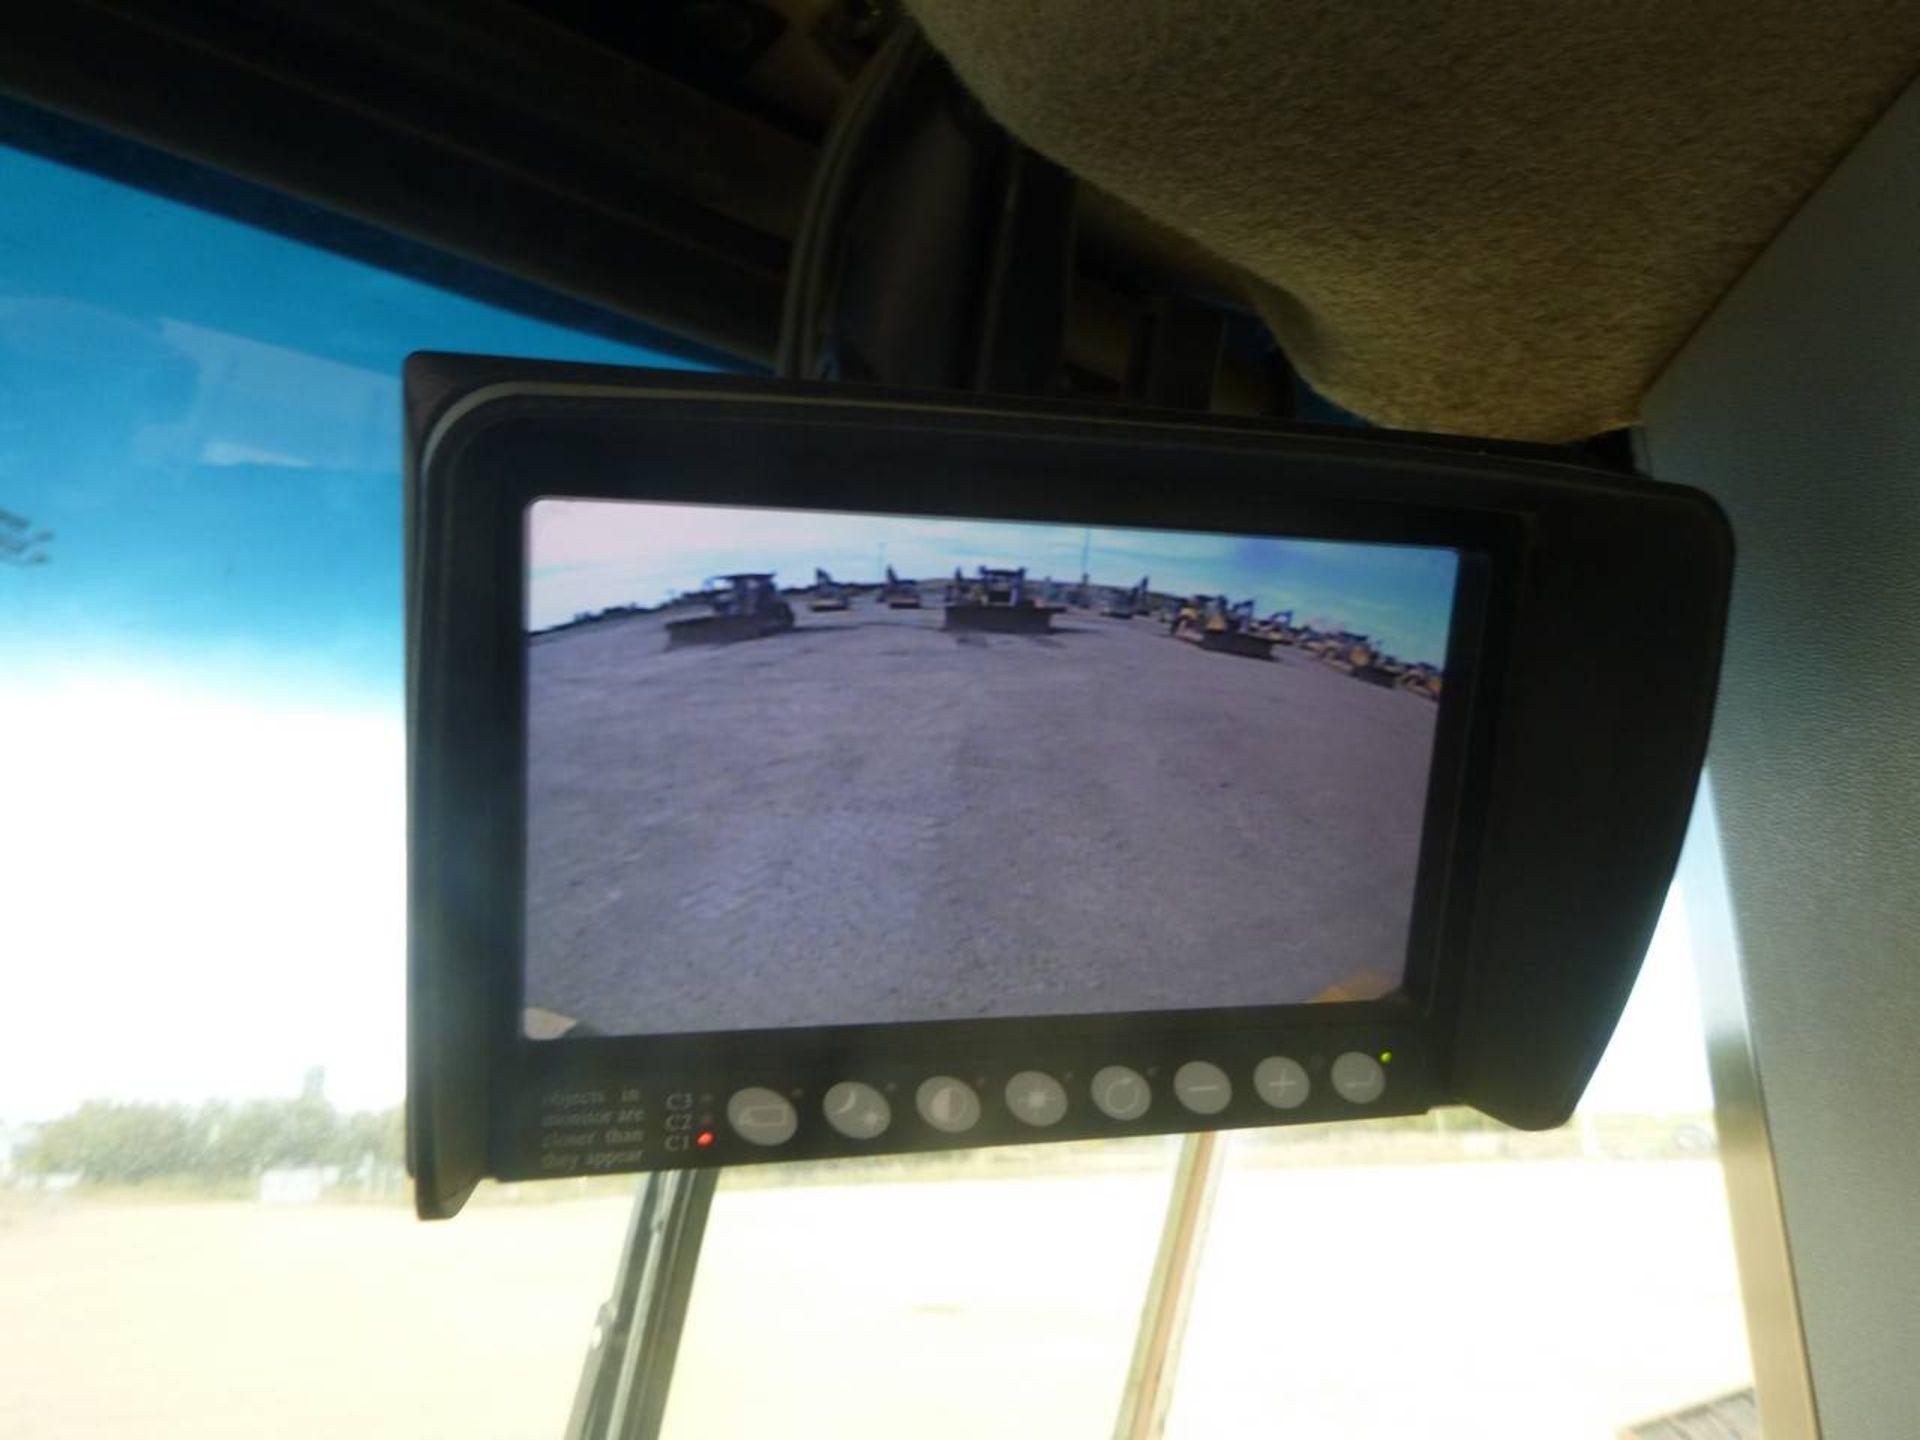 2012 Caterpillar 962K Front End Loader - Image 9 of 10